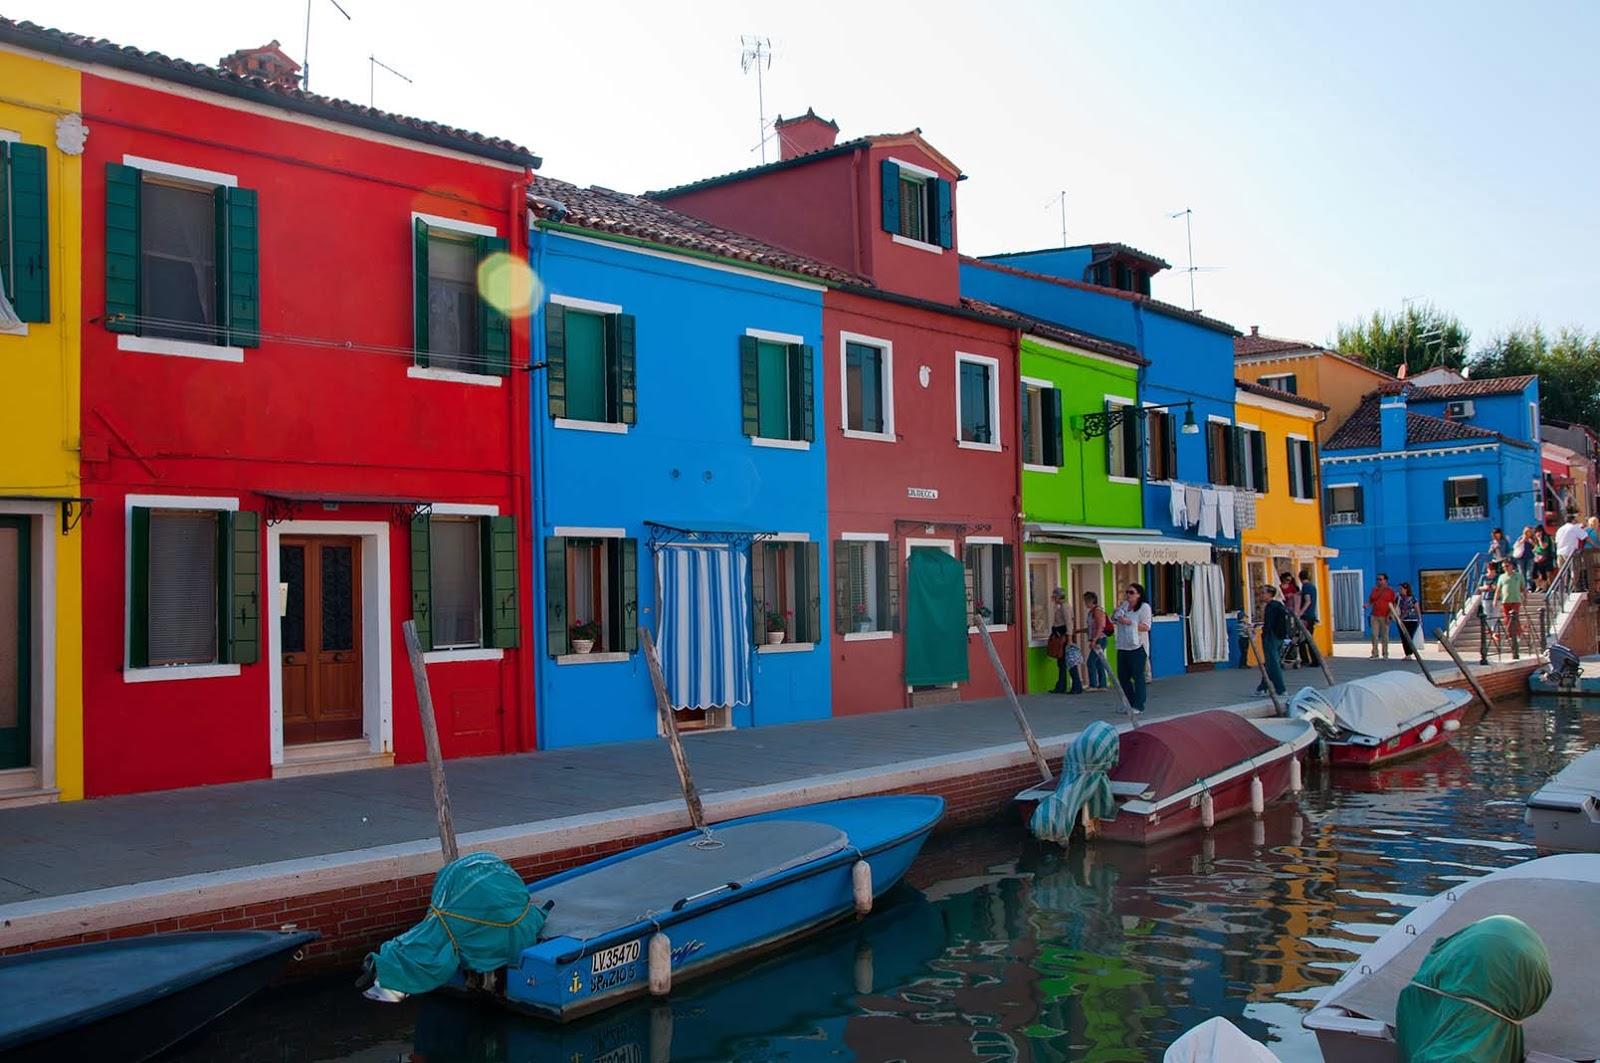 Burano venecia una isla de colores dosmaletas - Colores de casas ...